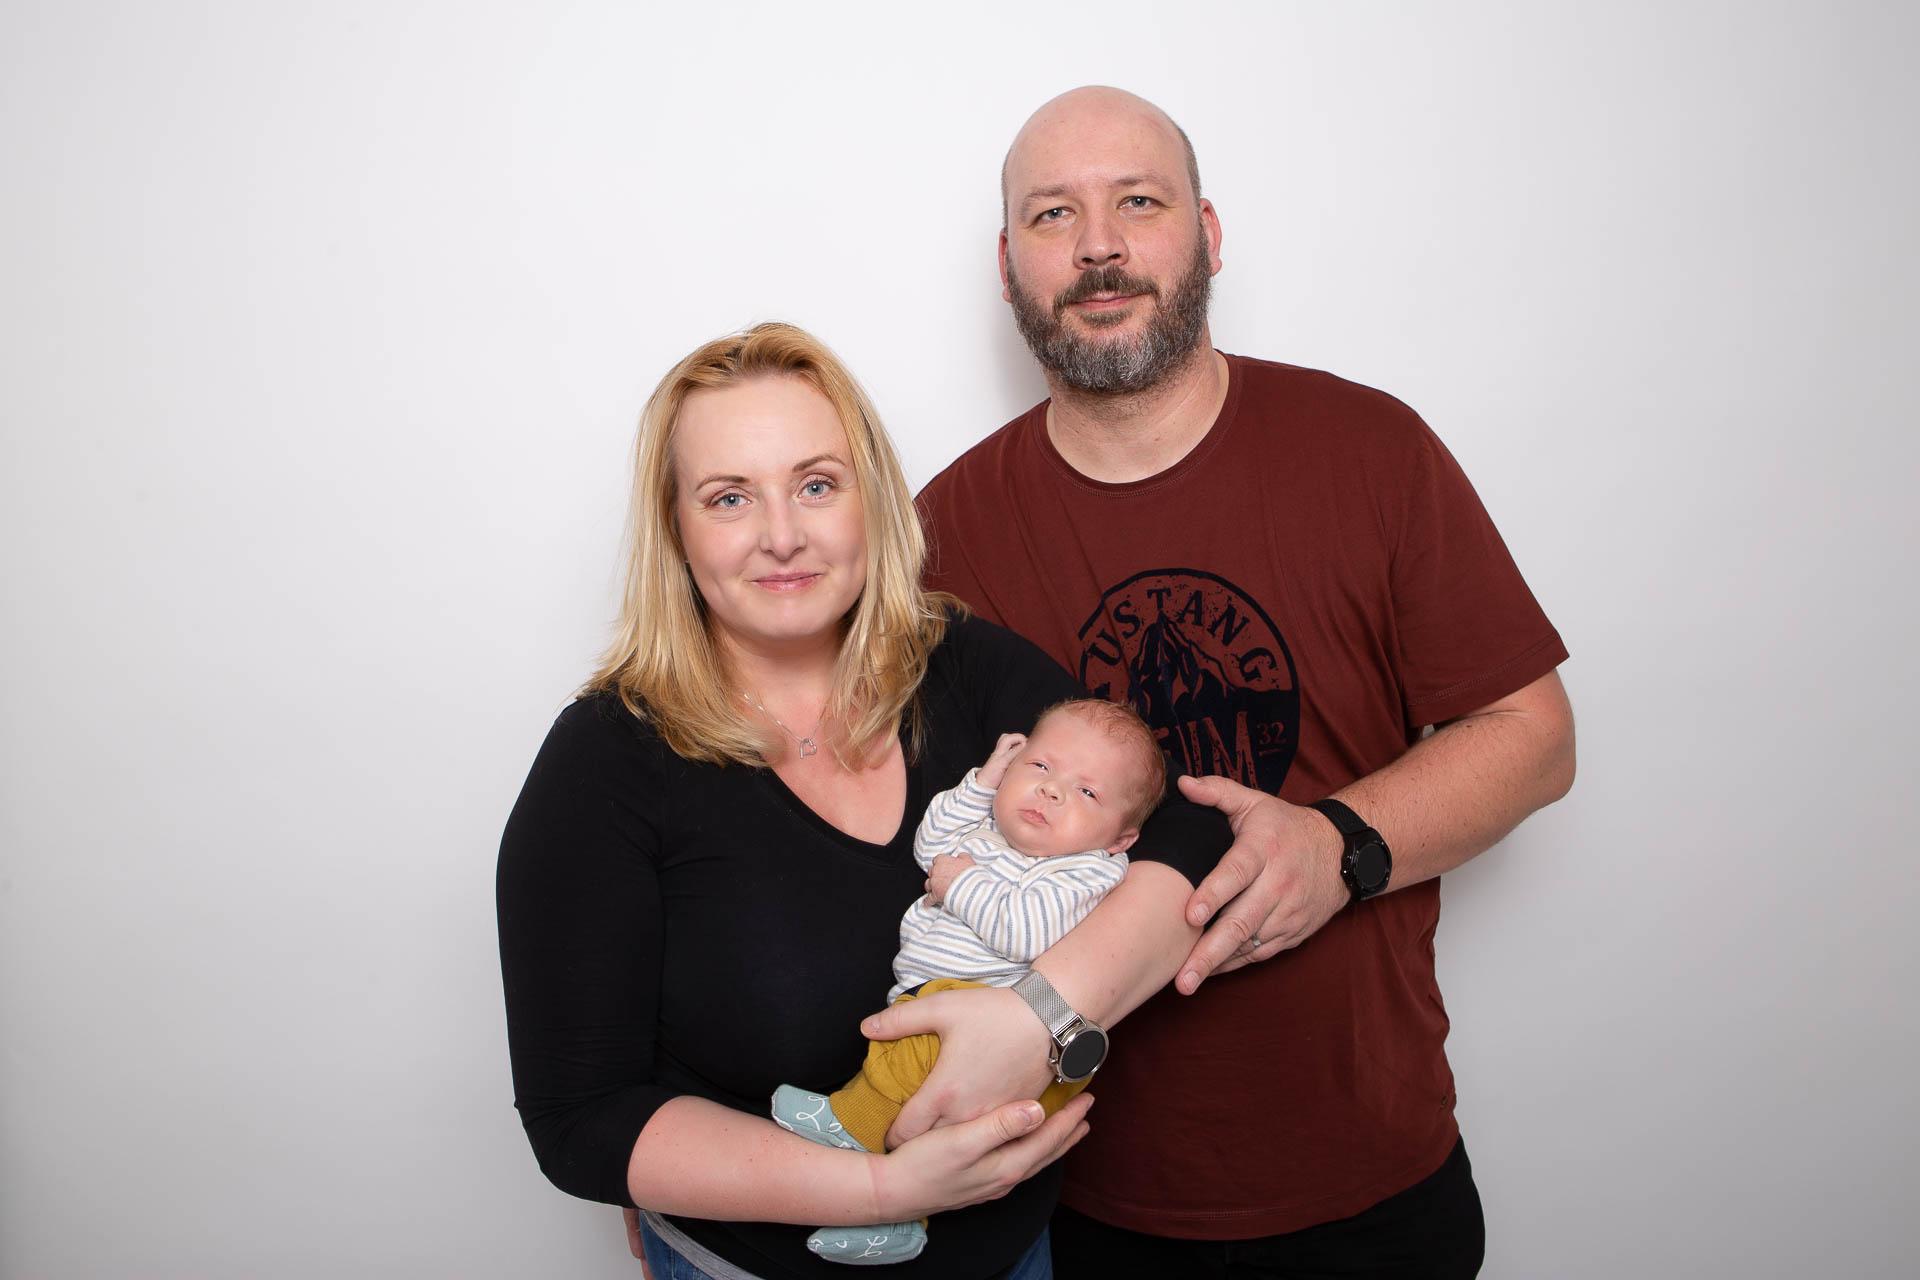 rodinný fotograf Lysá nad Labem, fotografování dětí